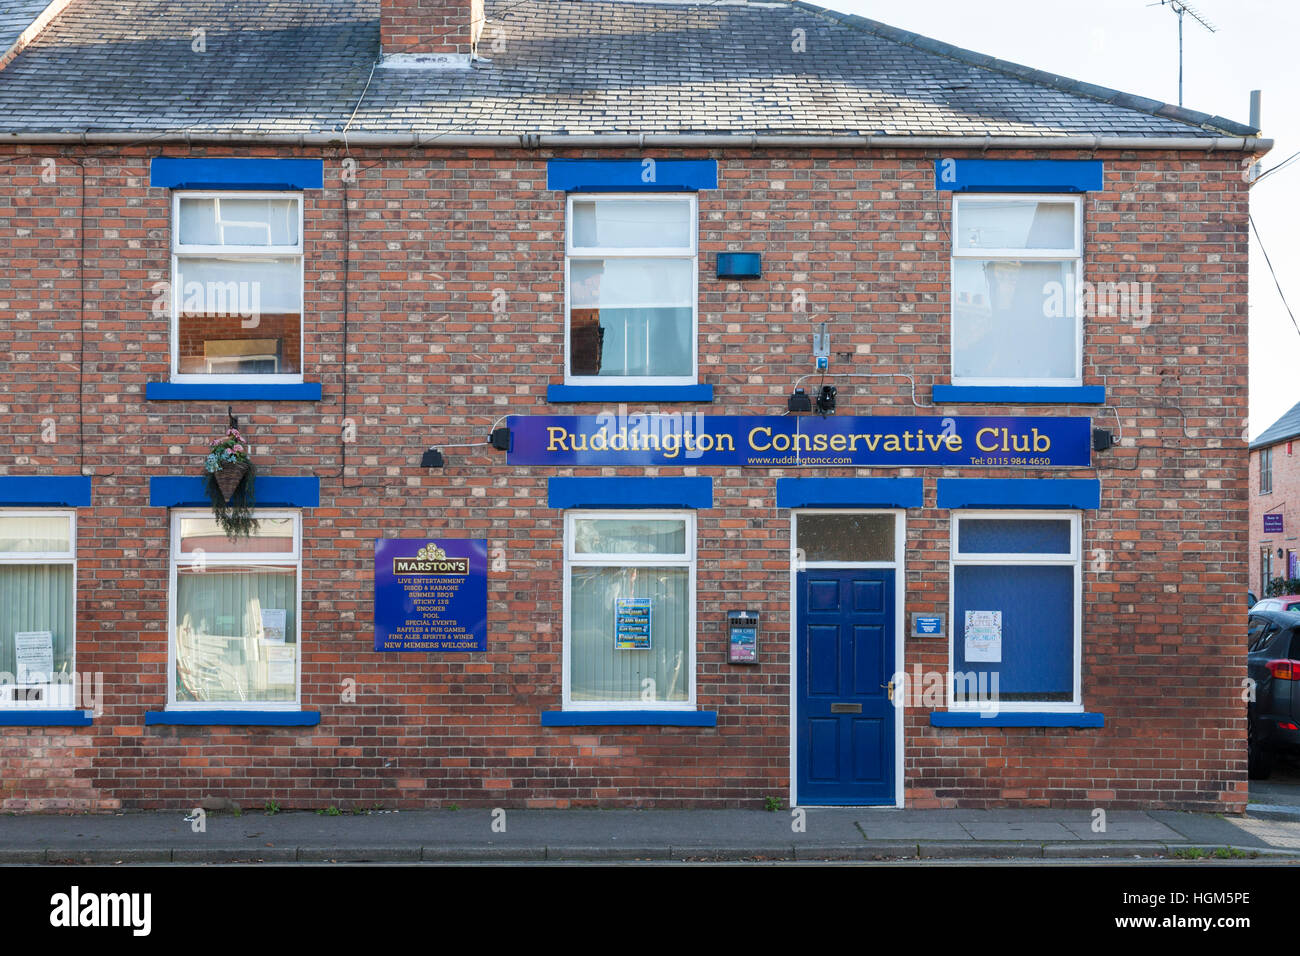 Ruddington Conservative Club, Ruddington, Nottinghamshire, England, UK - Stock Image